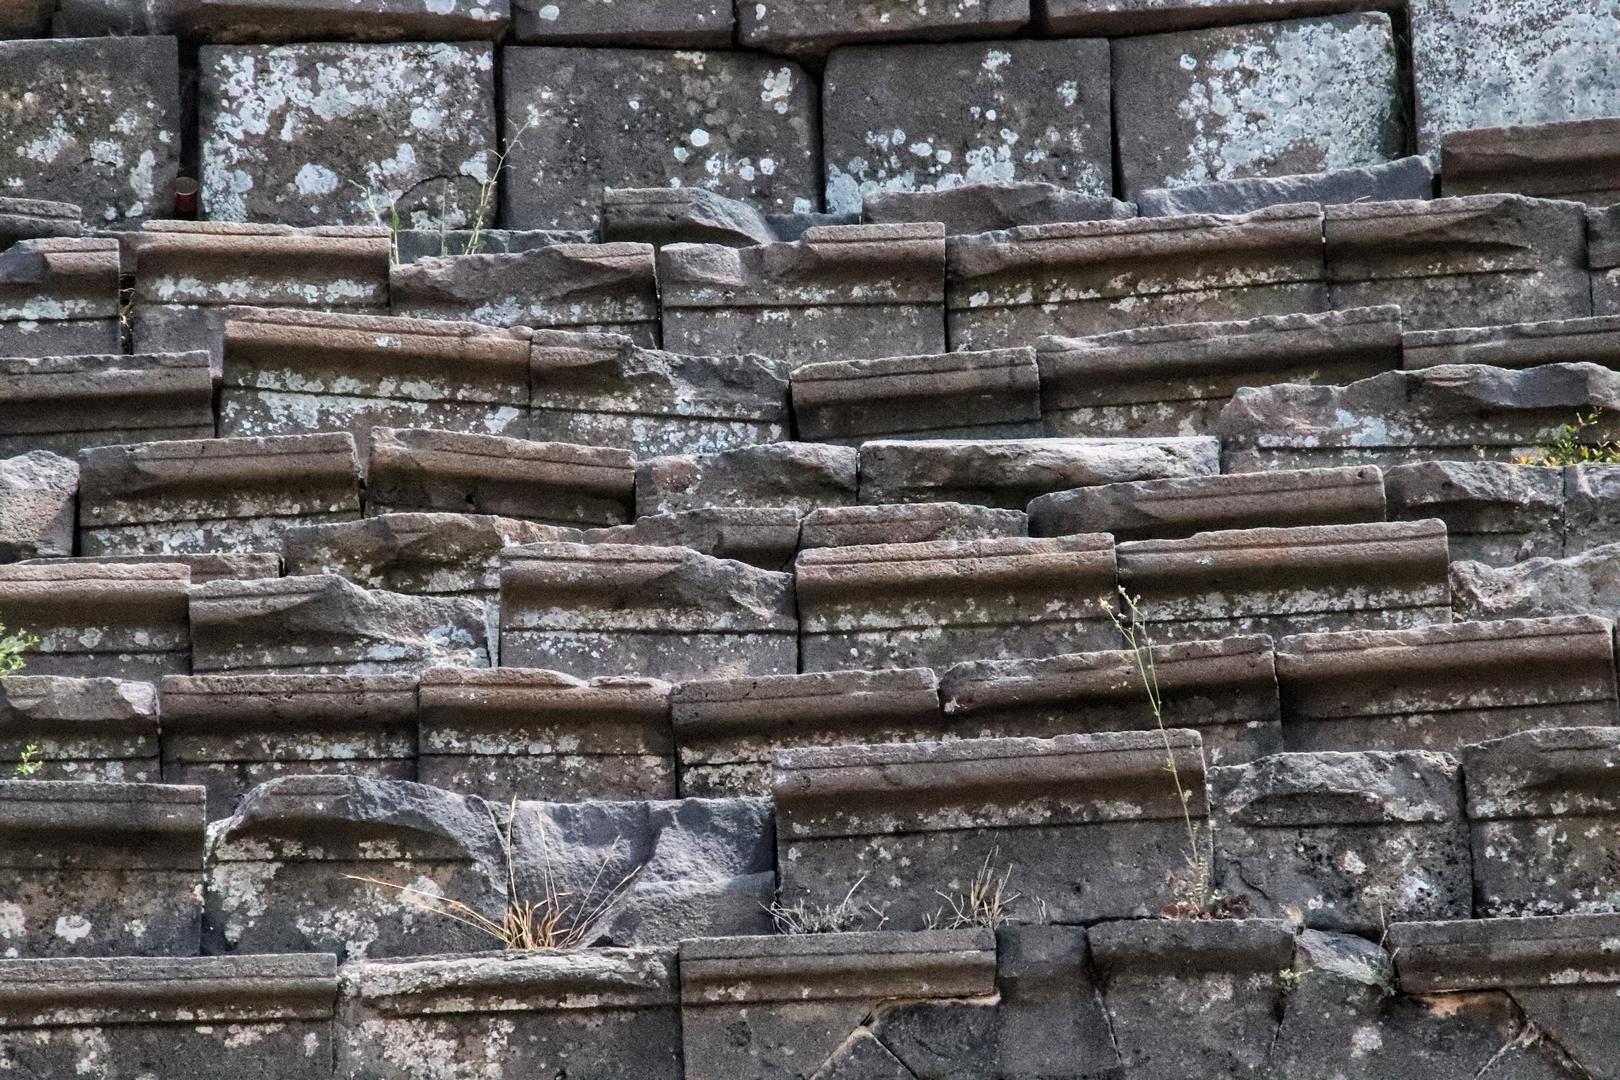 Jordanie - Vieilles pierres du théâtre du site romain de Umm Qais